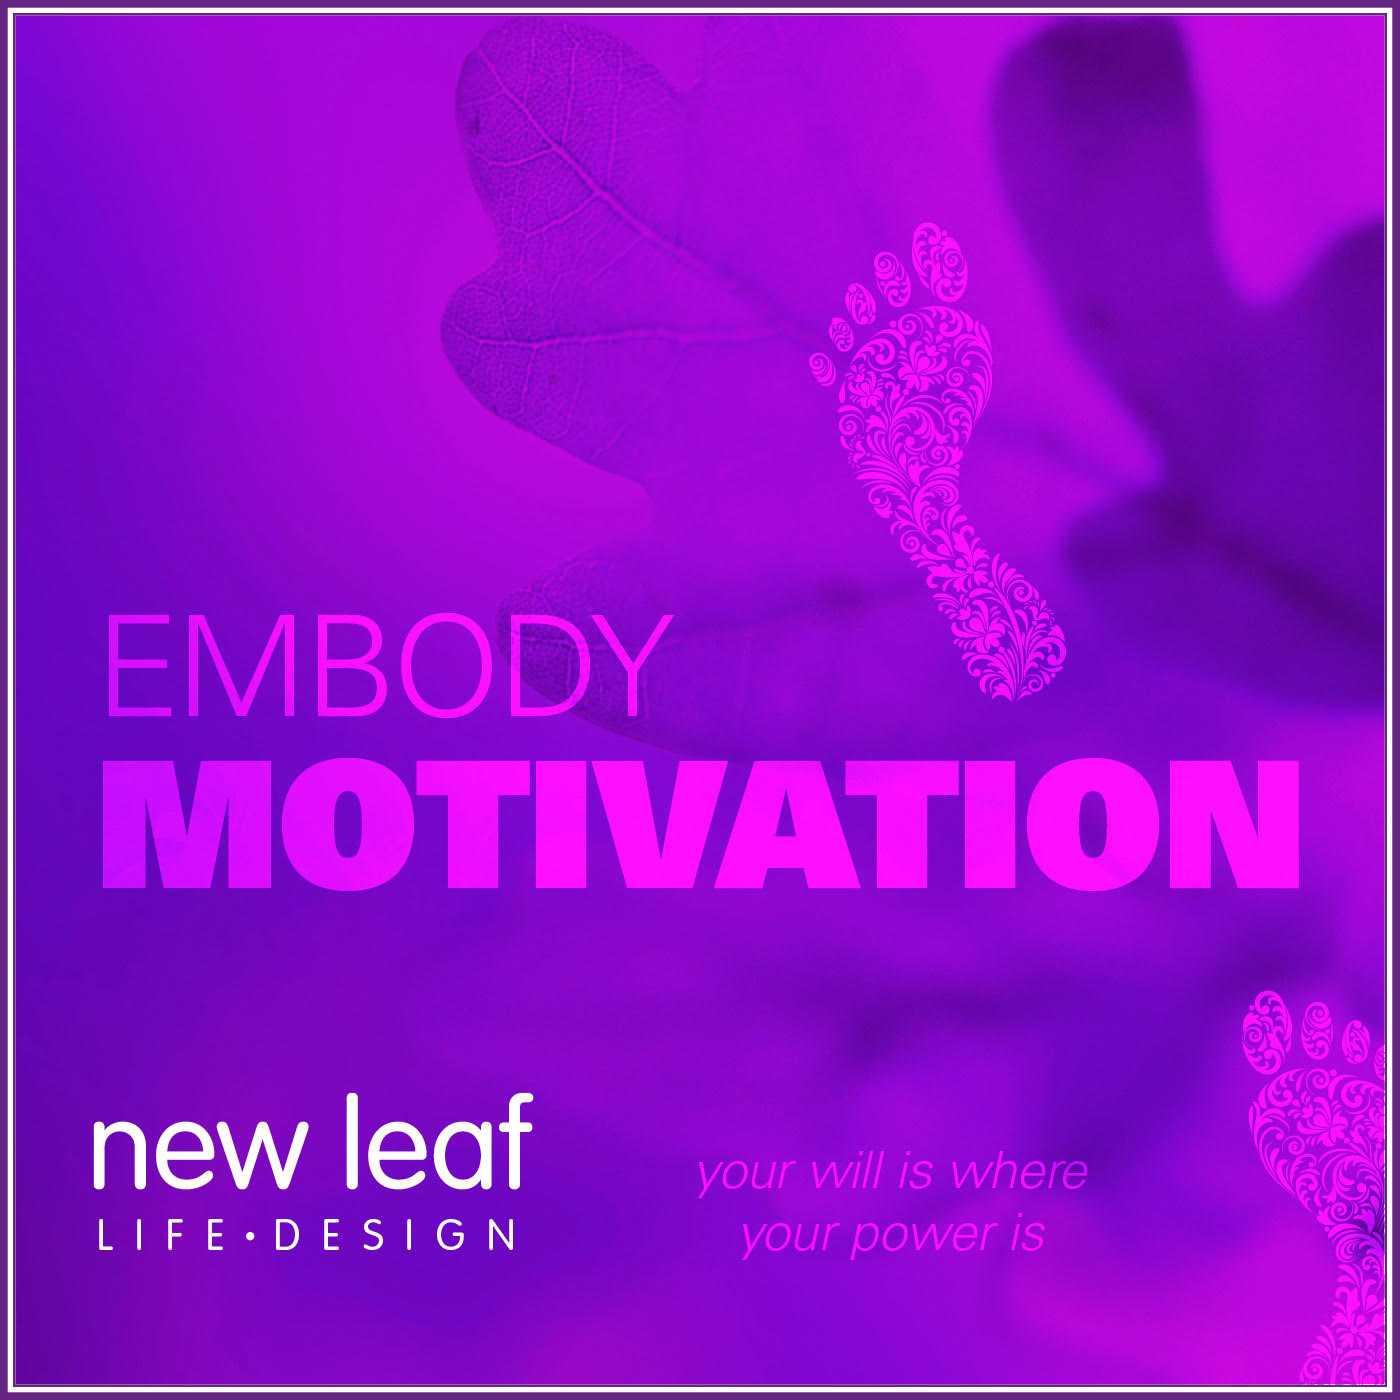 Embody Motivation